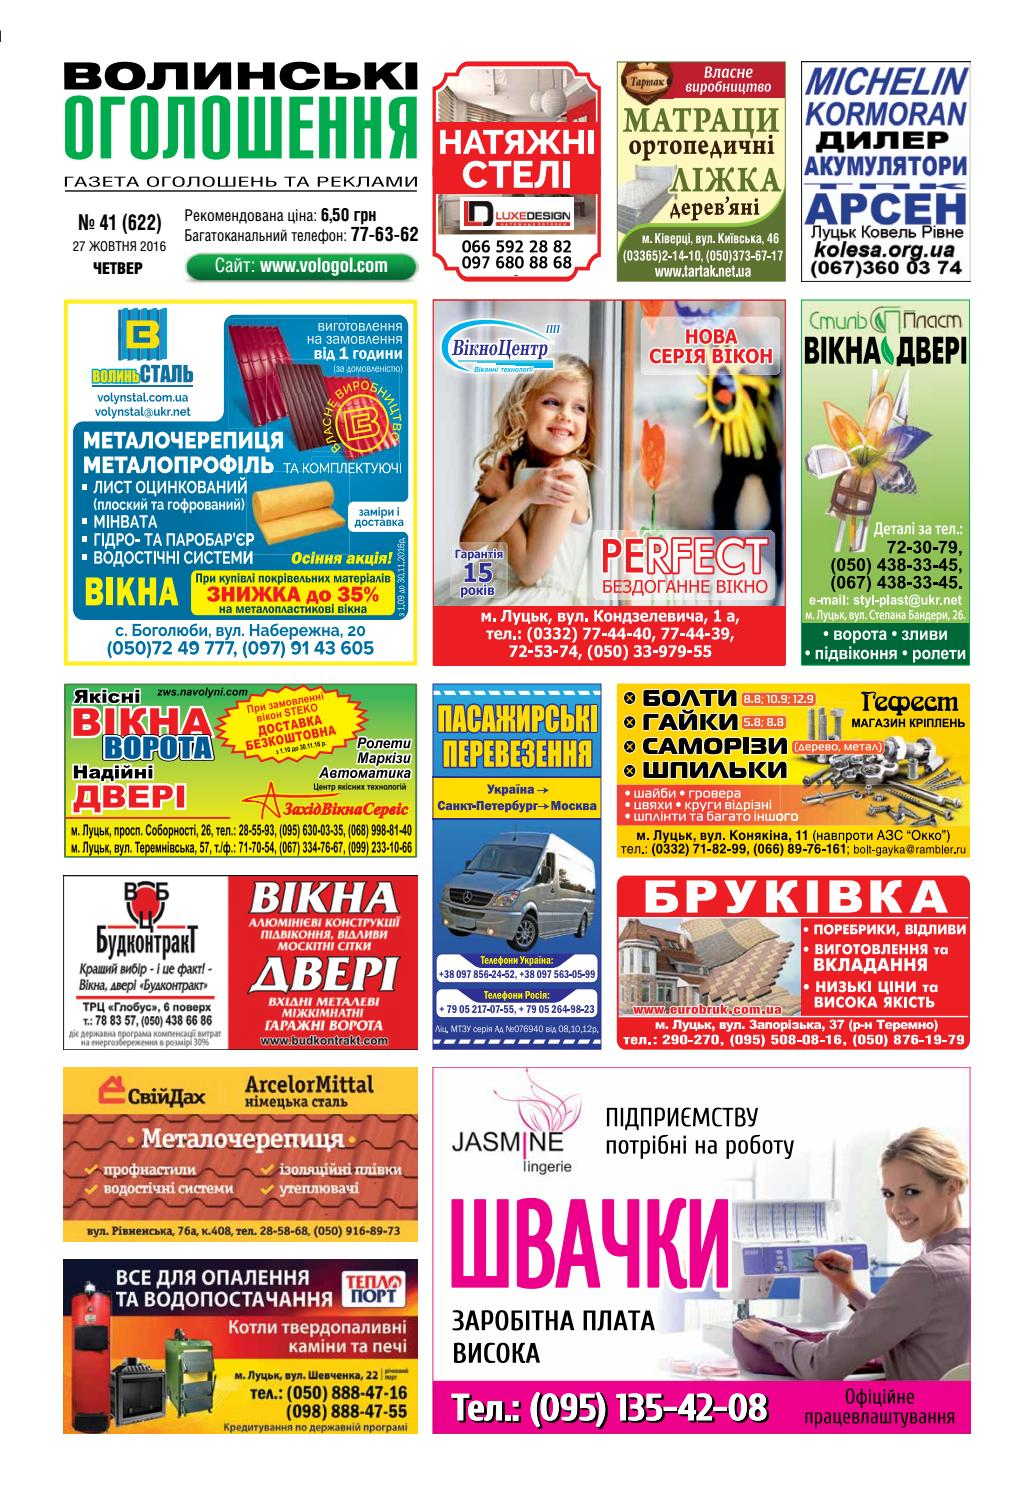 Волинські оголошення  41(622) by Марк-Медіа - issuu 0aab32de546e7